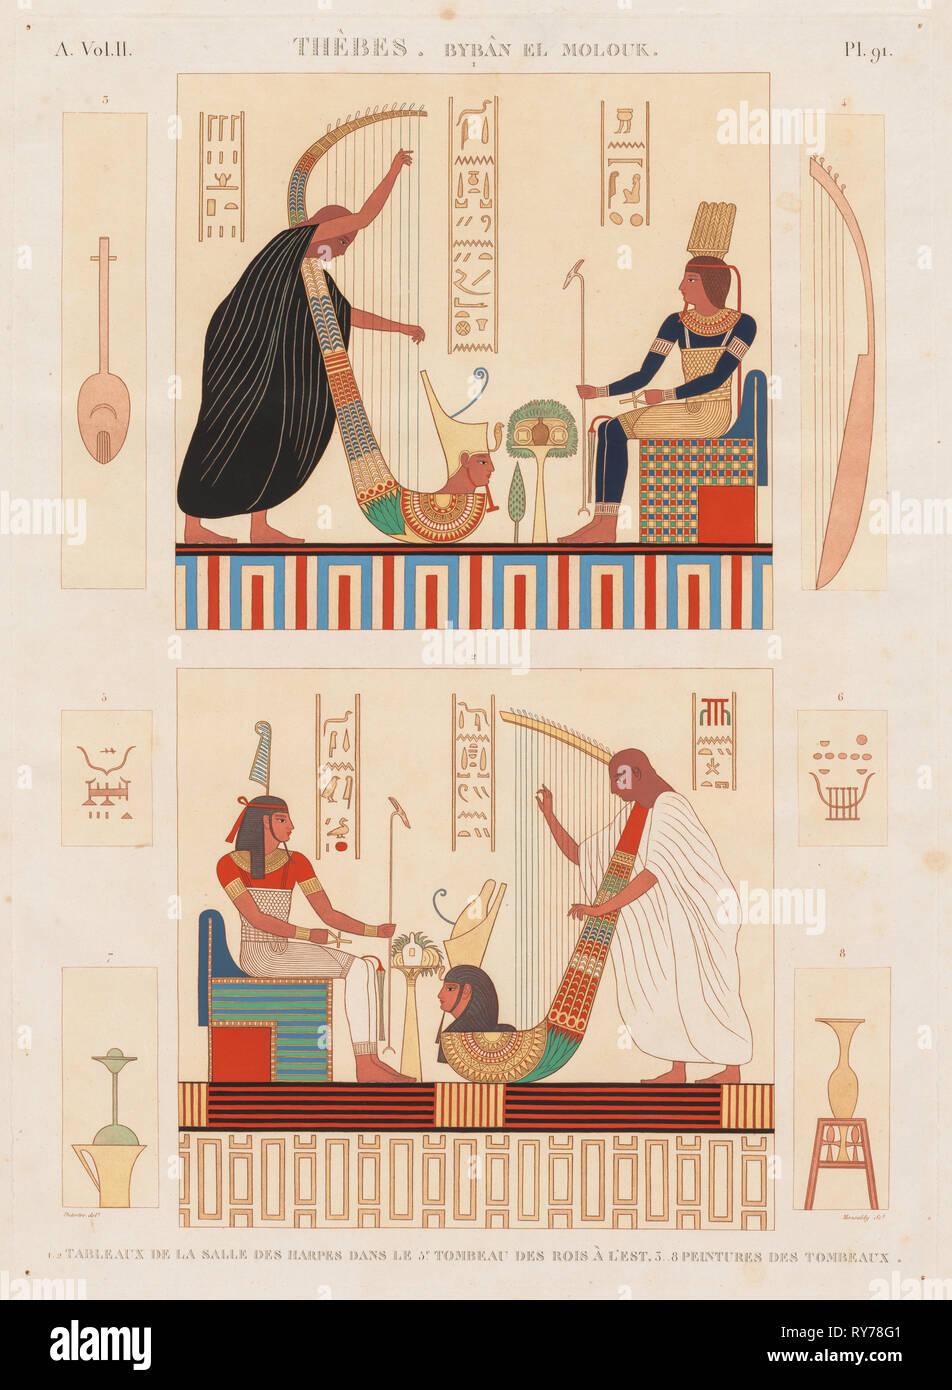 Descrizione dell'Egitto: Tebe Byban el Molouk, Vol. II, Pl. 91, 1812. Antoine Maxime Monsaldy (Francese, 1768-1816), dopo André Dutertre (Francese, 1753-1842). Incisione, stampato in sanguine colorate a mano; foglio: 71 x 53,9 cm (27 15/16 x 21 1/4 in.); platemark: 58,5 x 42,5 cm (23 1/16 x 16 3/4 in Immagini Stock